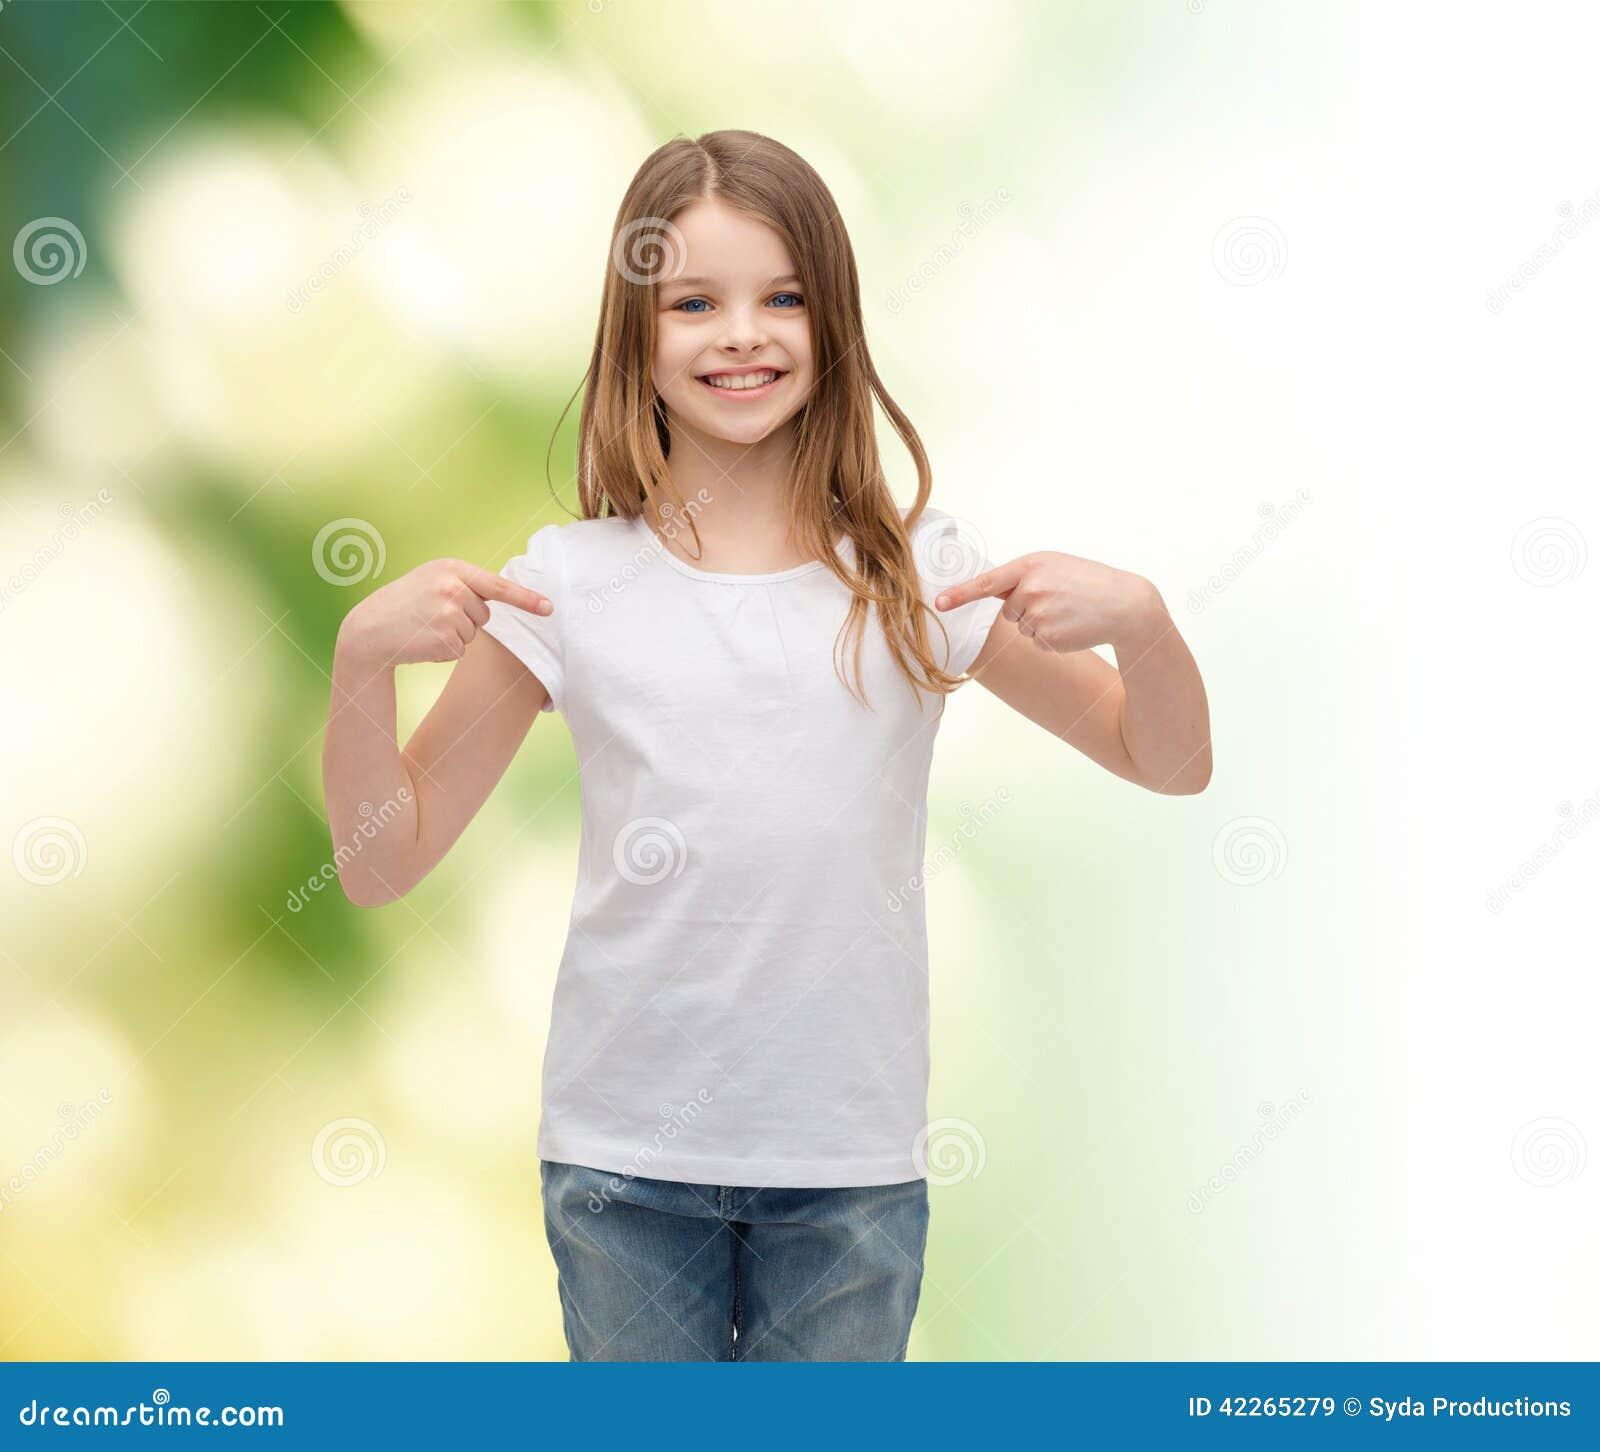 b09617a53 Niña Sonriente En Camiseta Blanca En Blanco Imagen de archivo ...